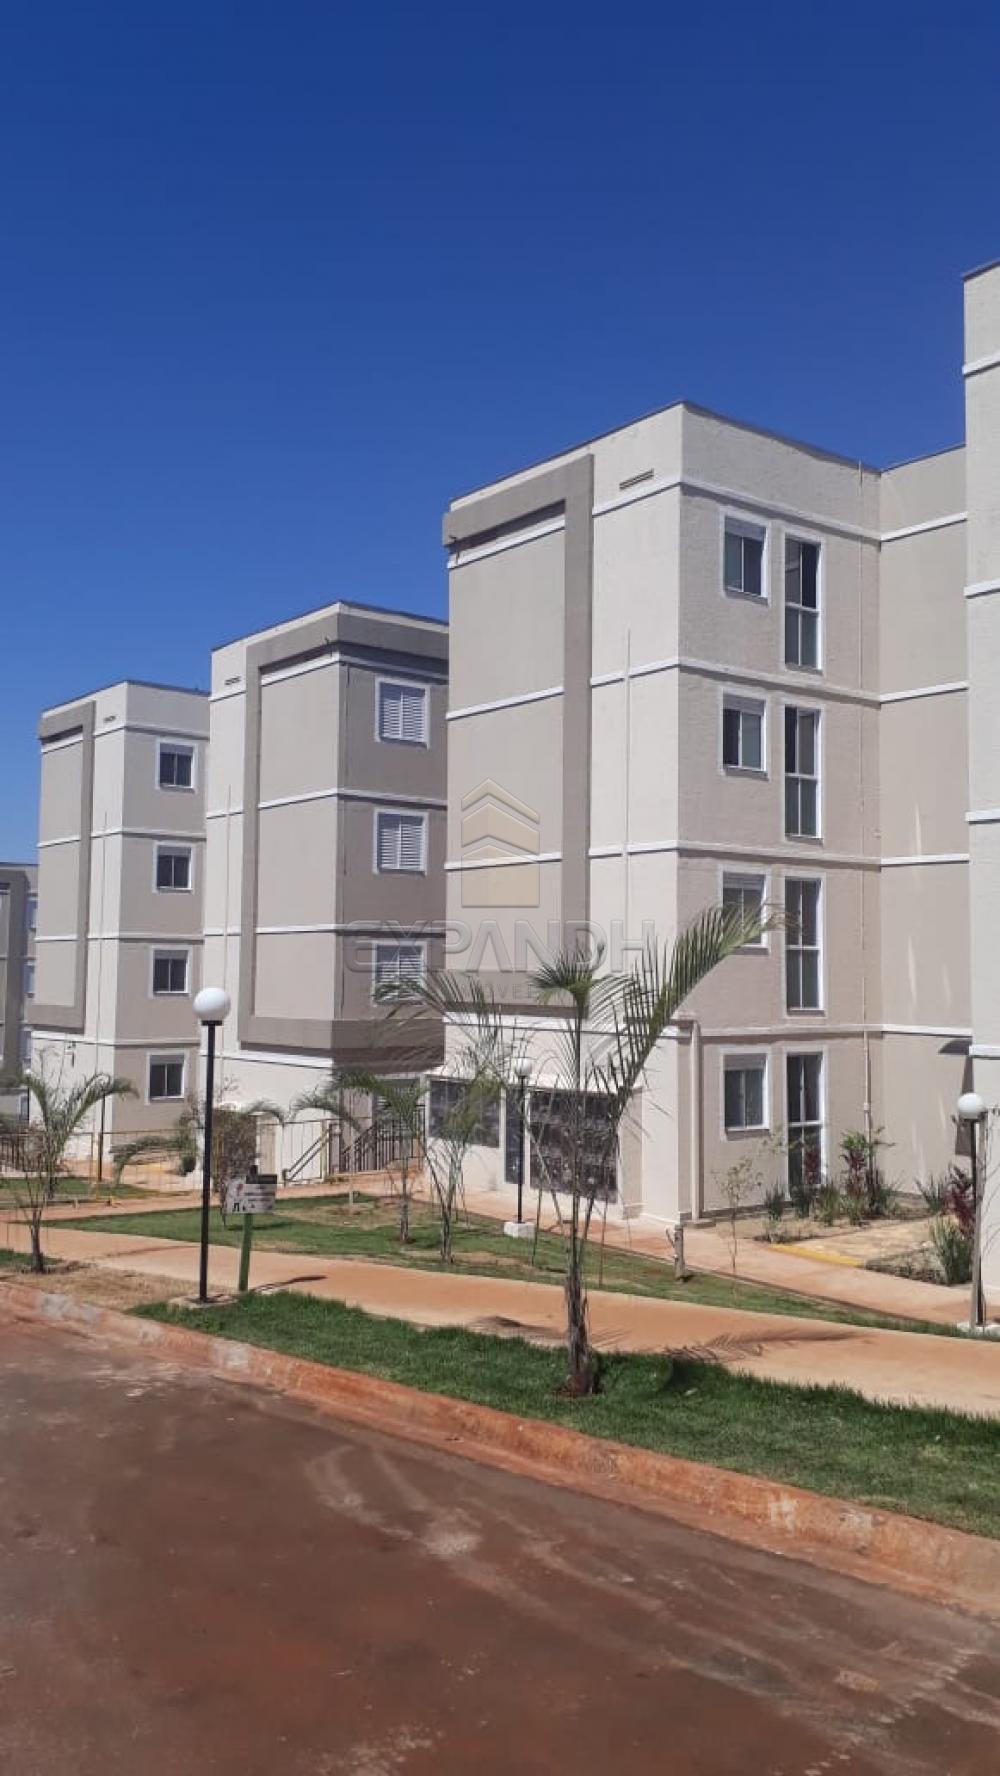 Comprar Apartamentos / Padrão em Sertãozinho apenas R$ 138.900,00 - Foto 13